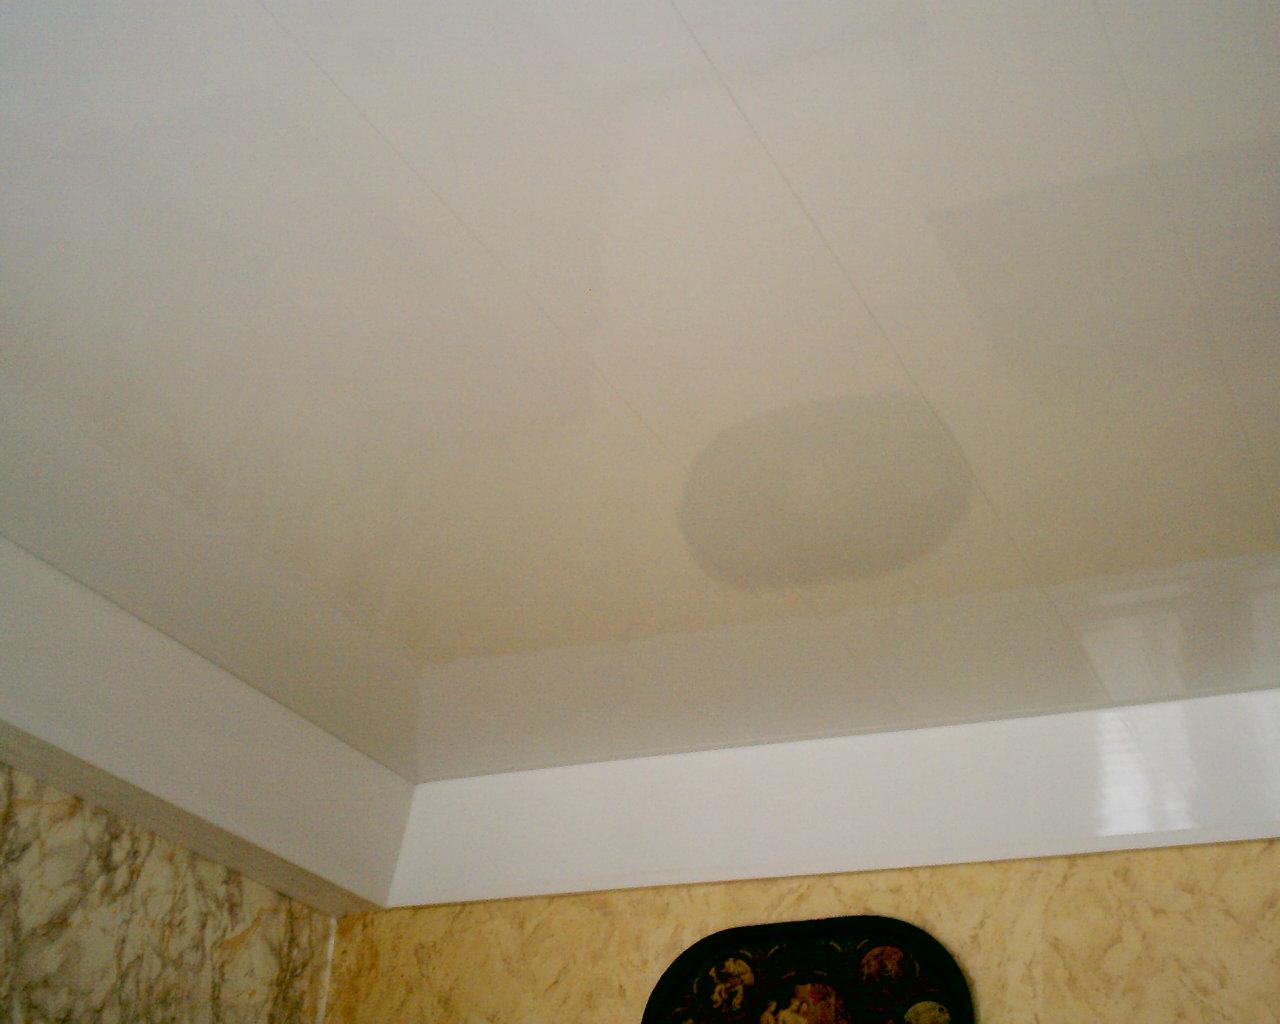 как закрыть закругленные углы потолка